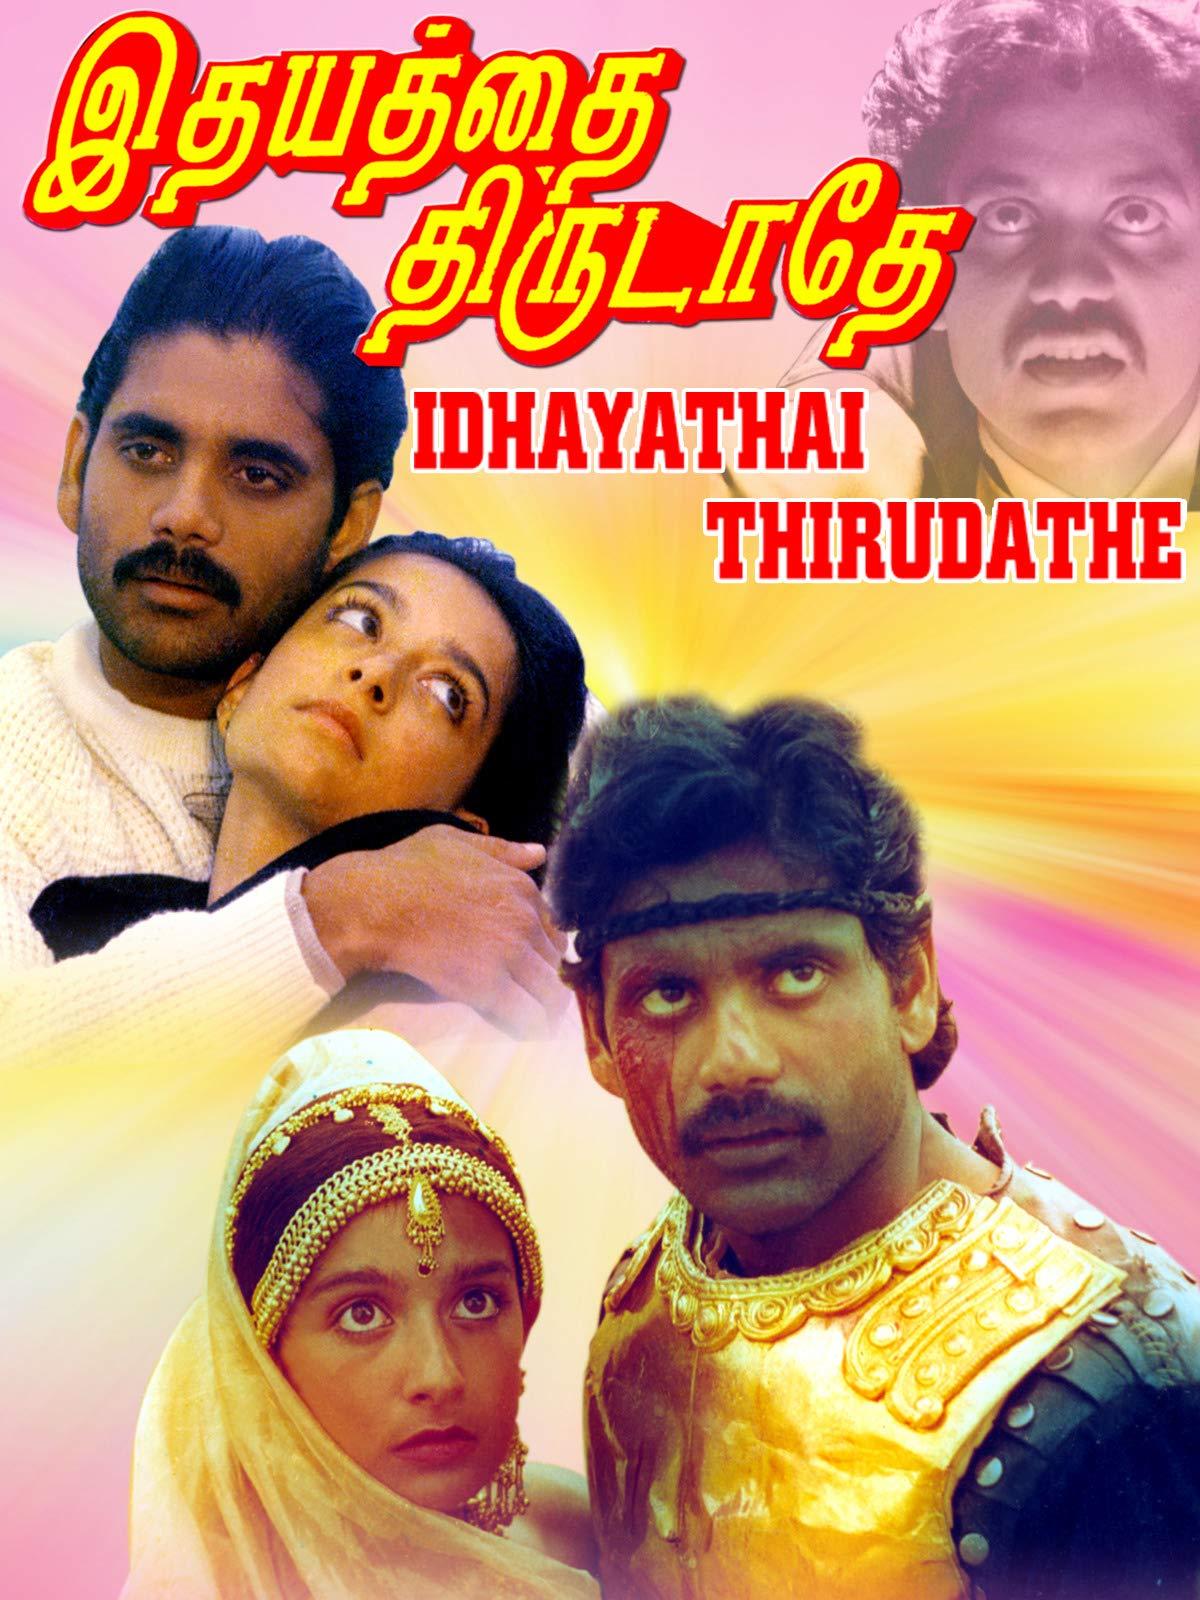 Idhayathai Thirudathe